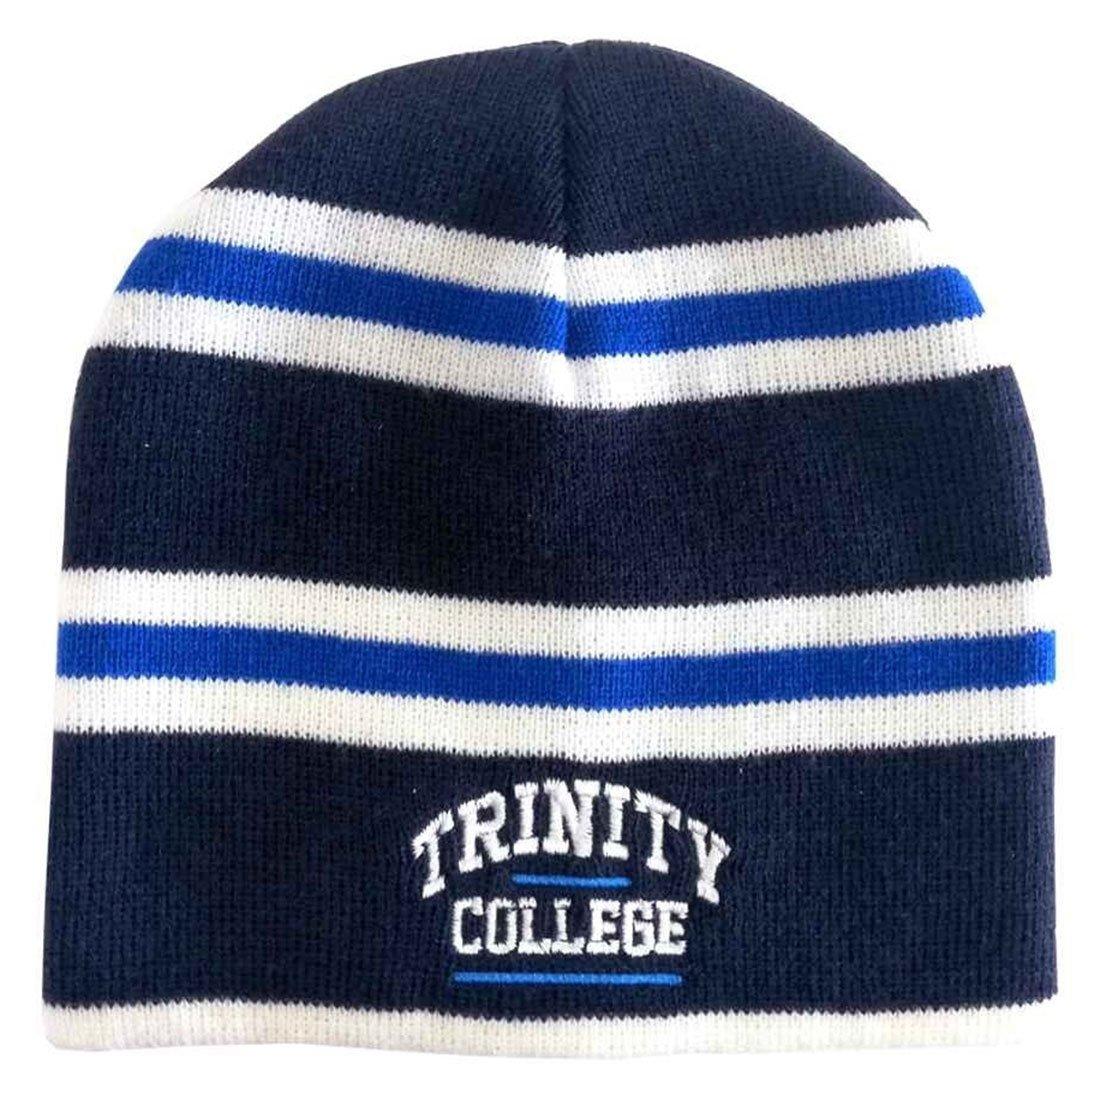 Berretto Trinity College a Striscie Blue Navy e Blue - Viaggiare in Irlanda